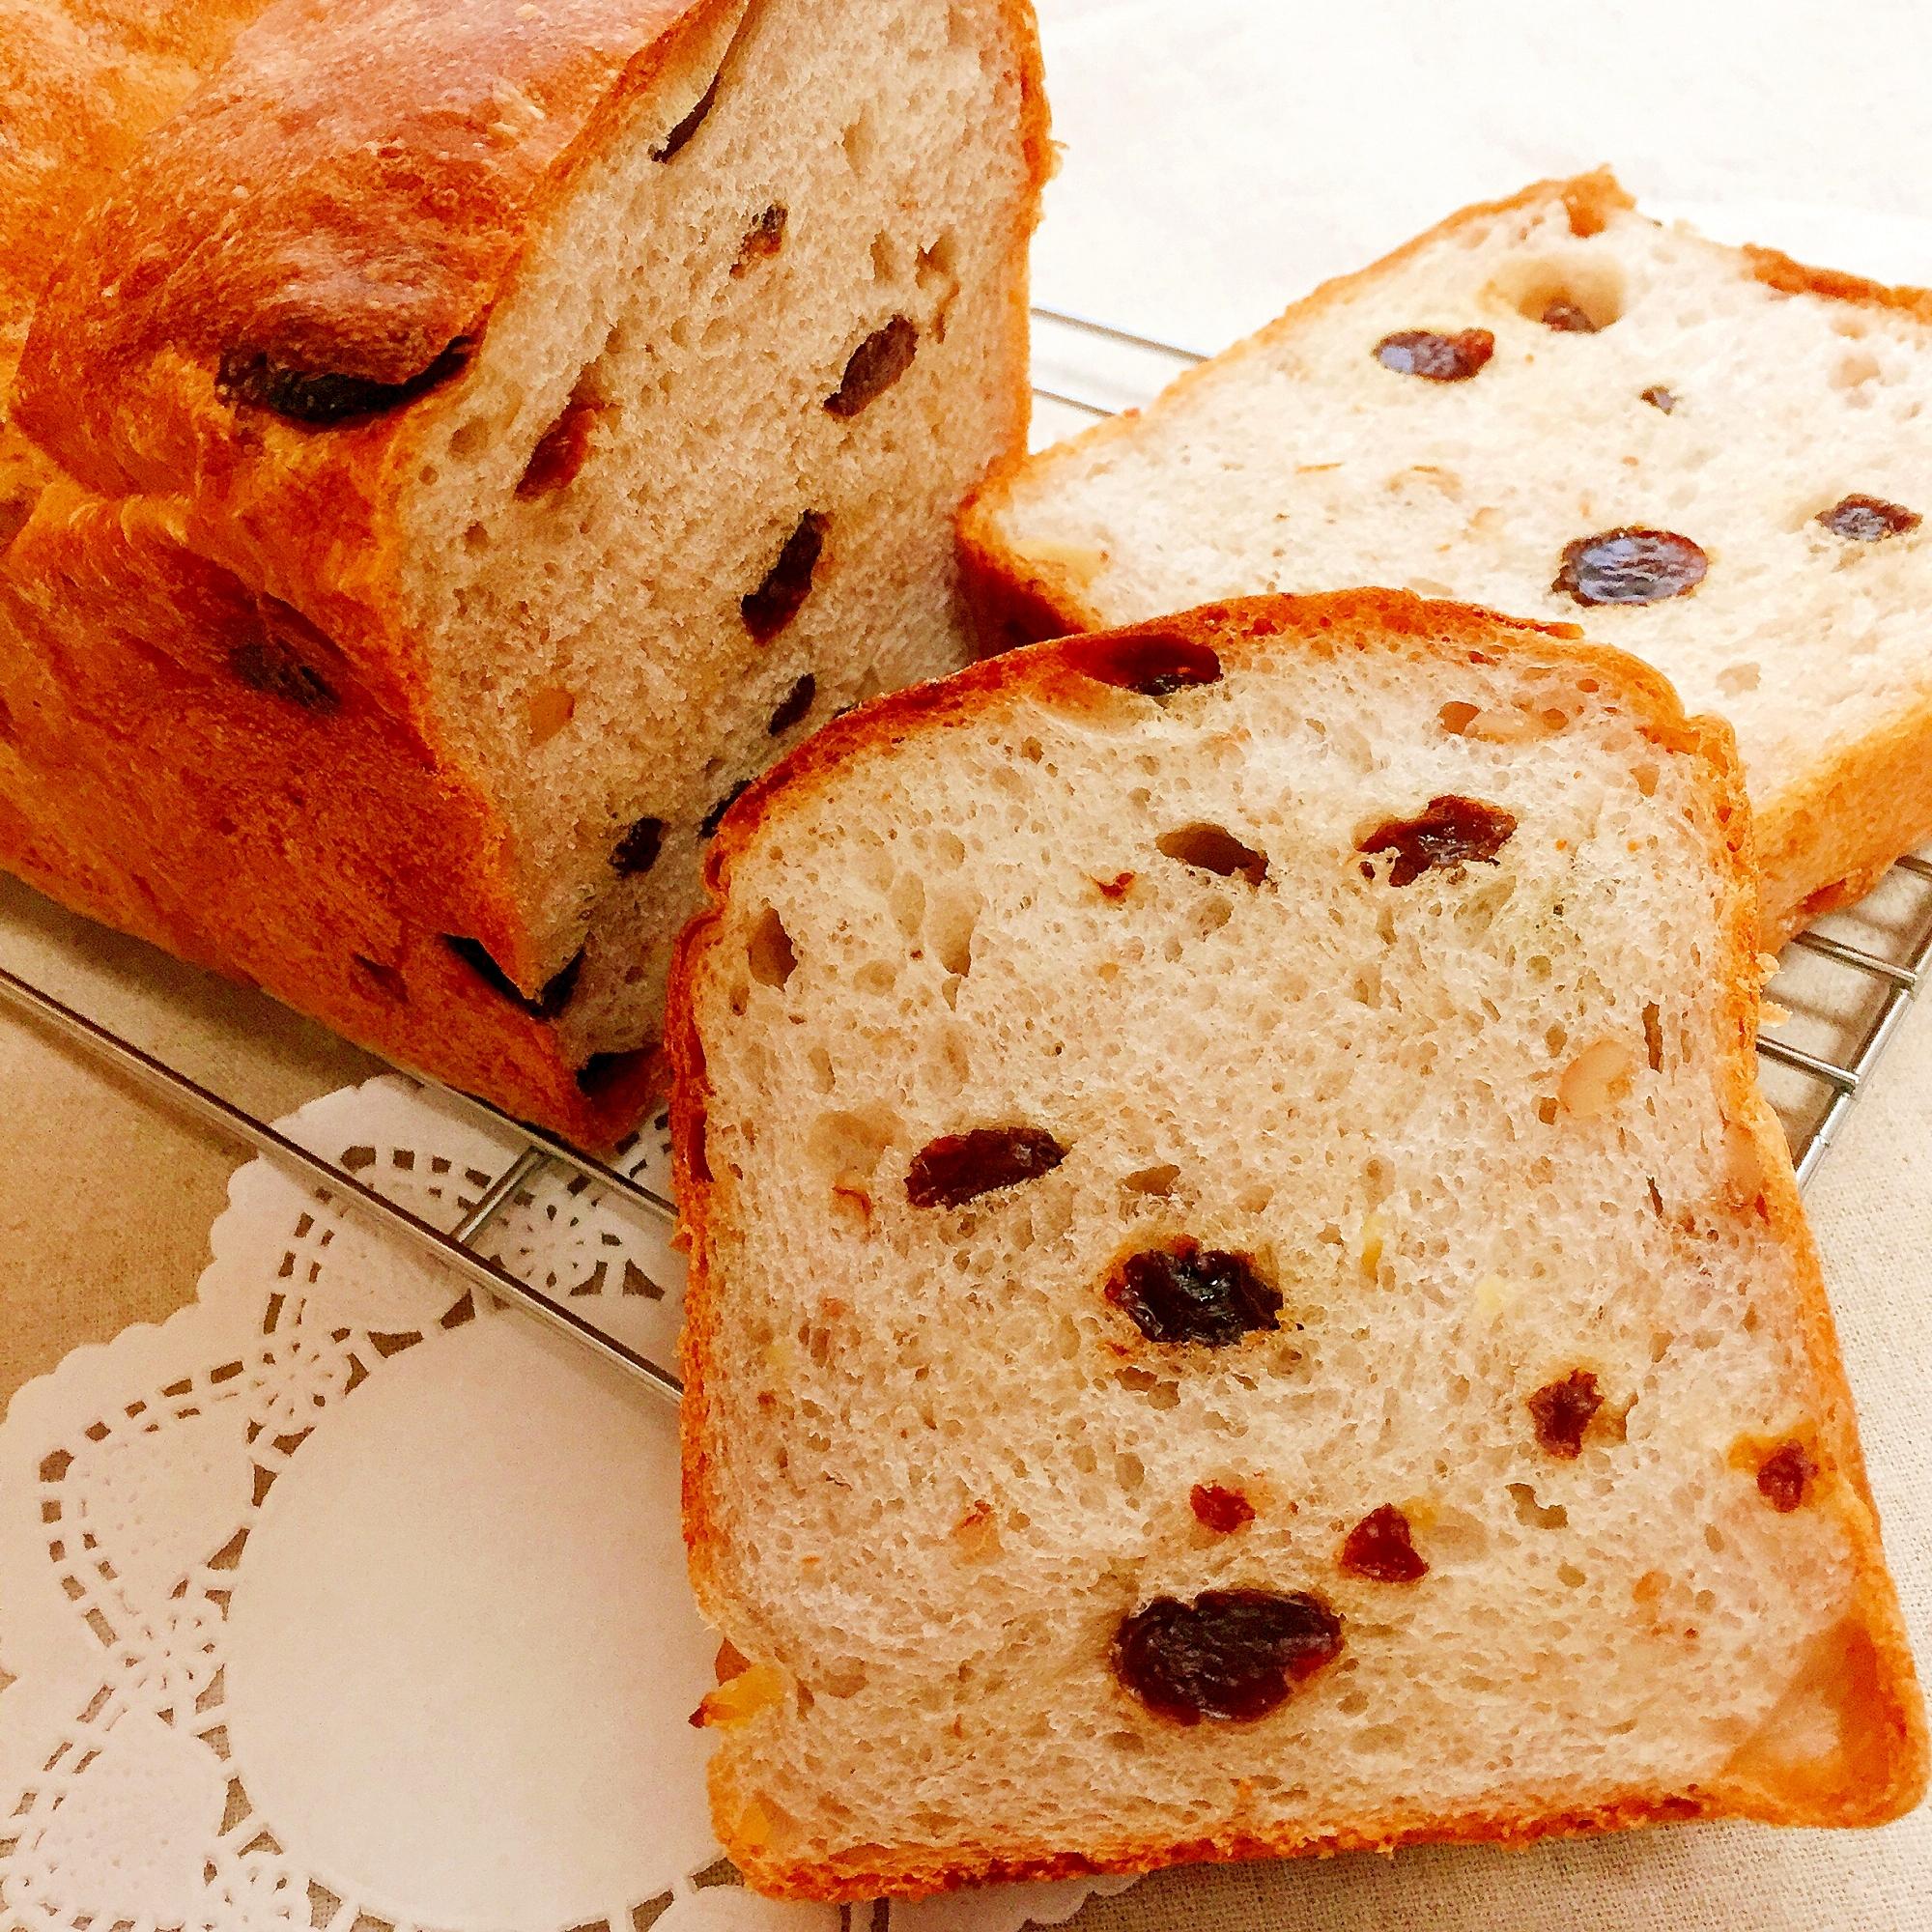 1. レーズンとくるみの山食パン